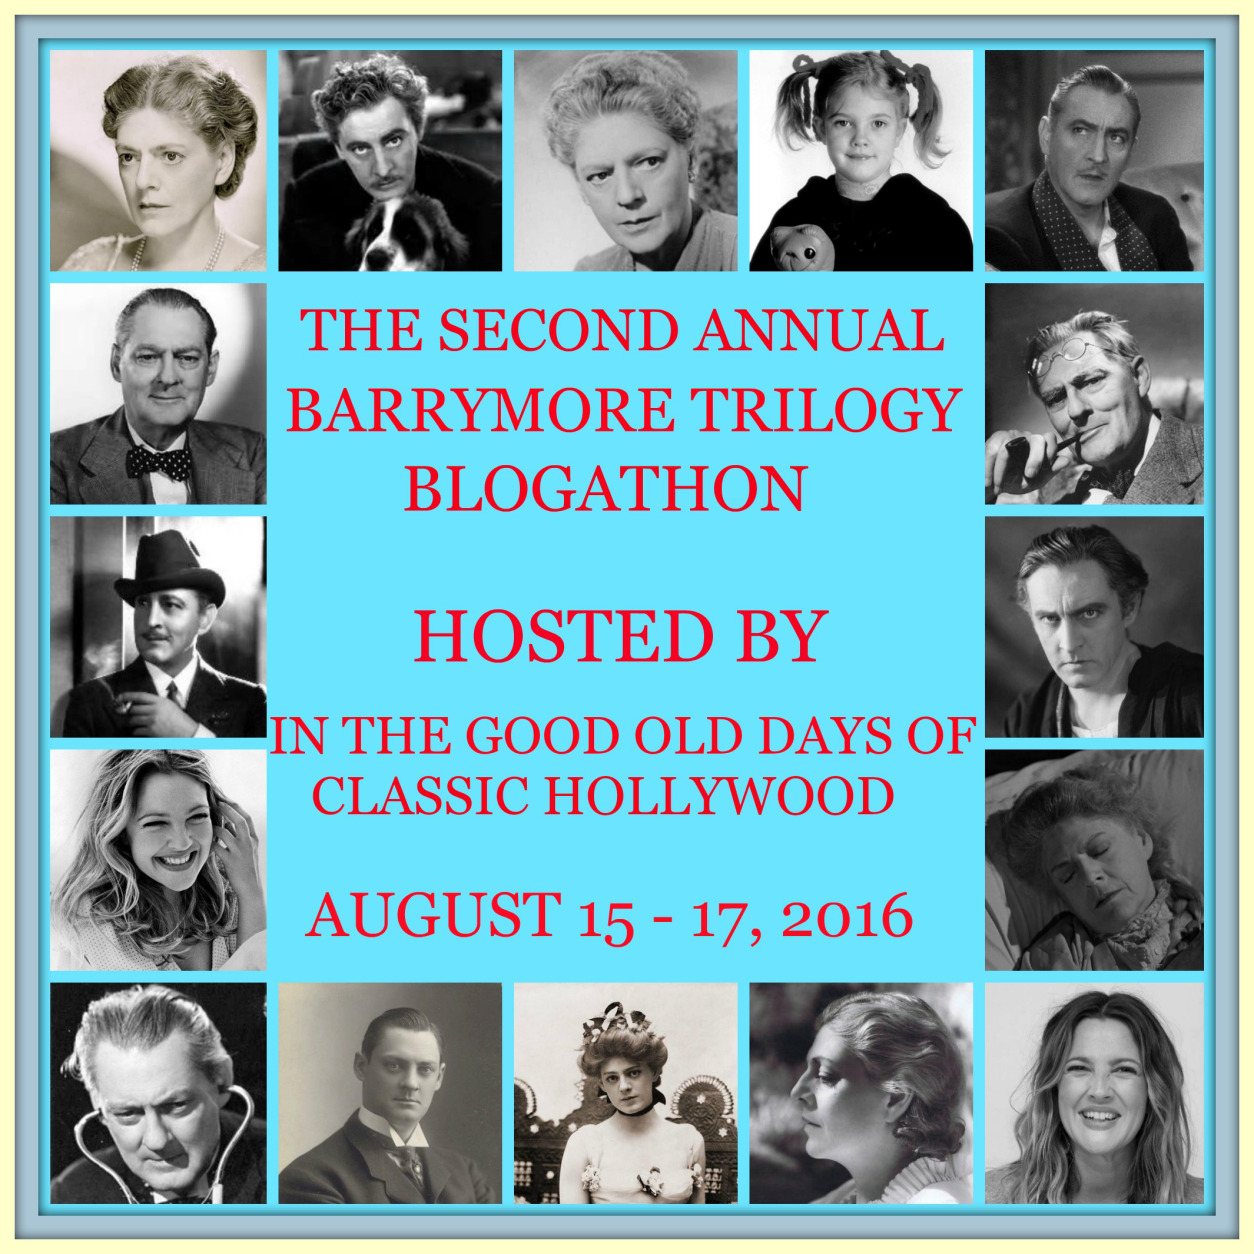 Barrymore Trilogy Blogathon